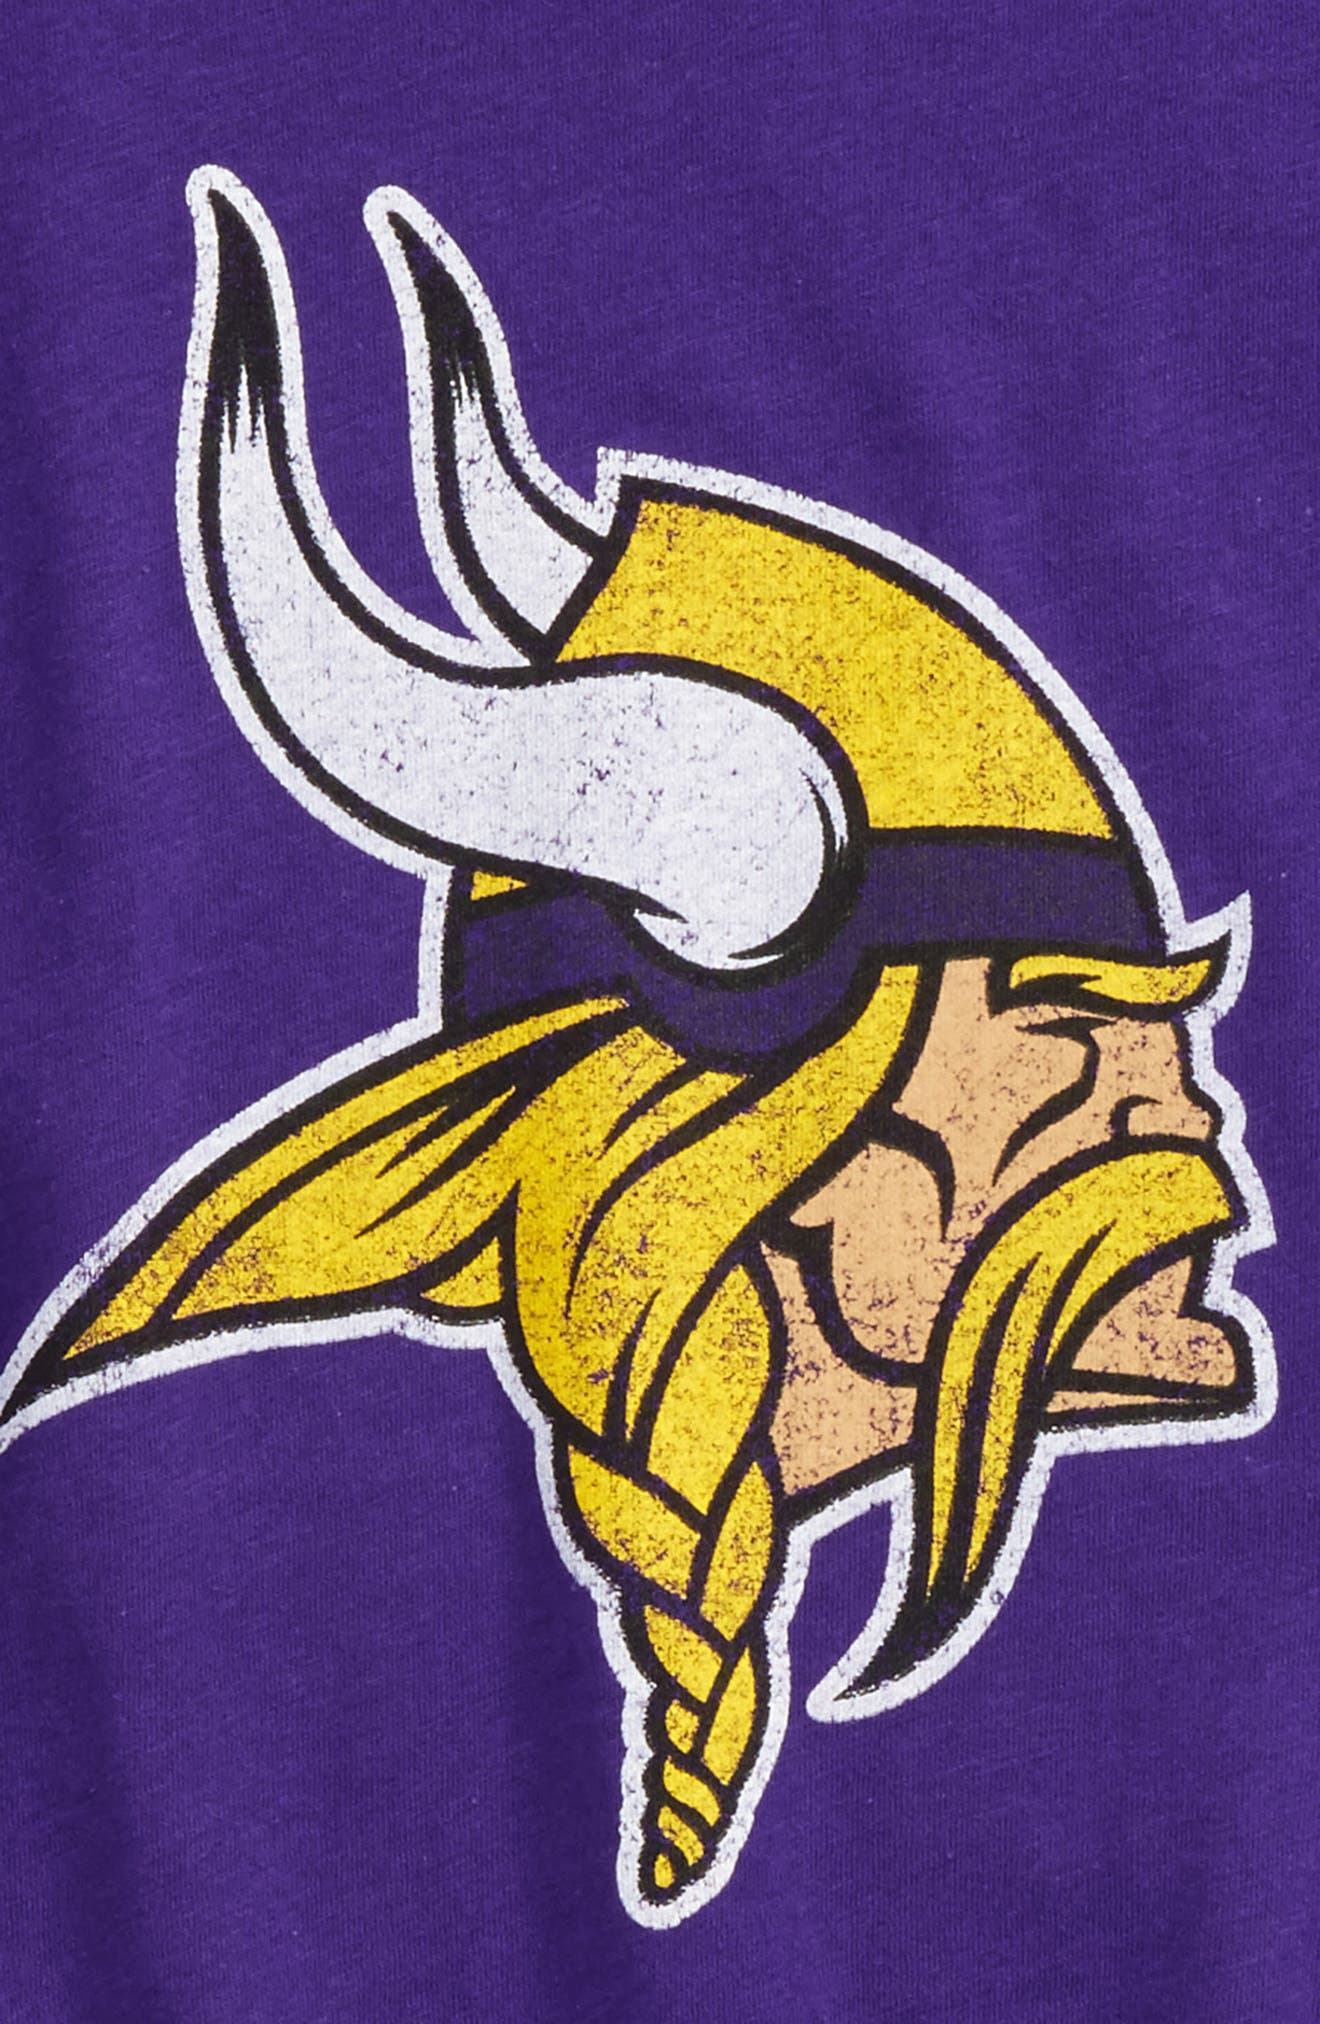 NFL Minnesota Vikings Distressed Graphic T-Shirt,                             Alternate thumbnail 2, color,                             Purple